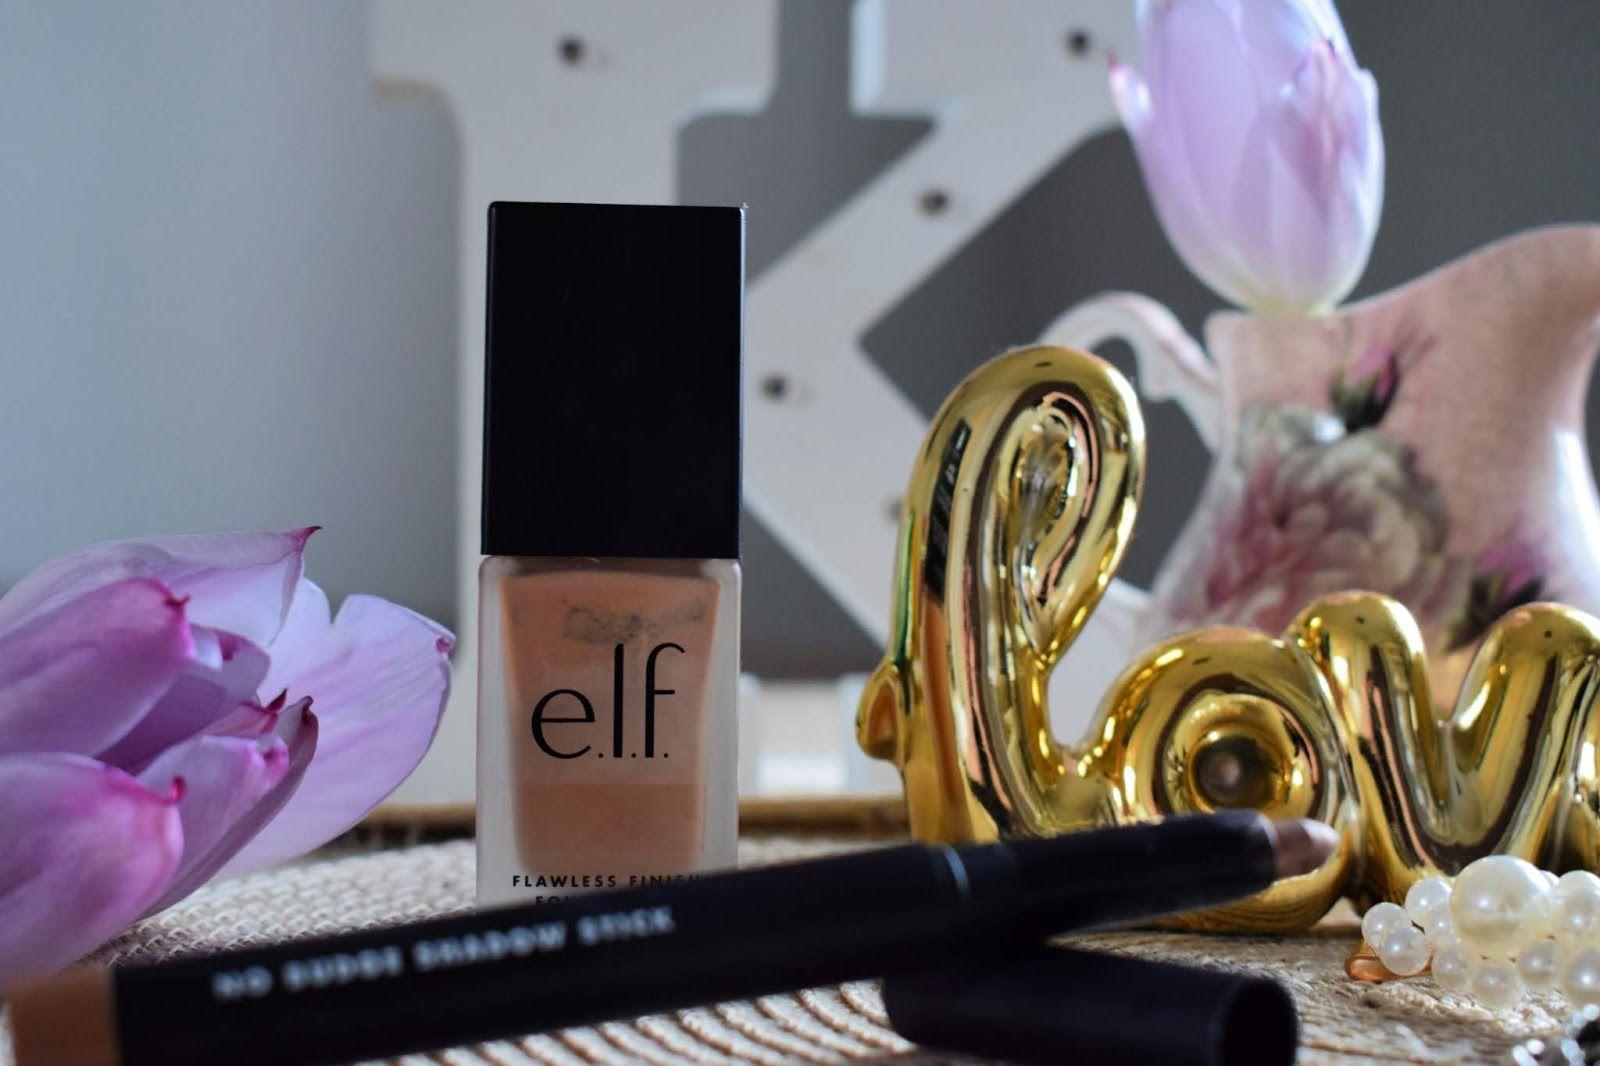 Trying Elf Makeup Elf makeup, Elf makeup reviews, Elf